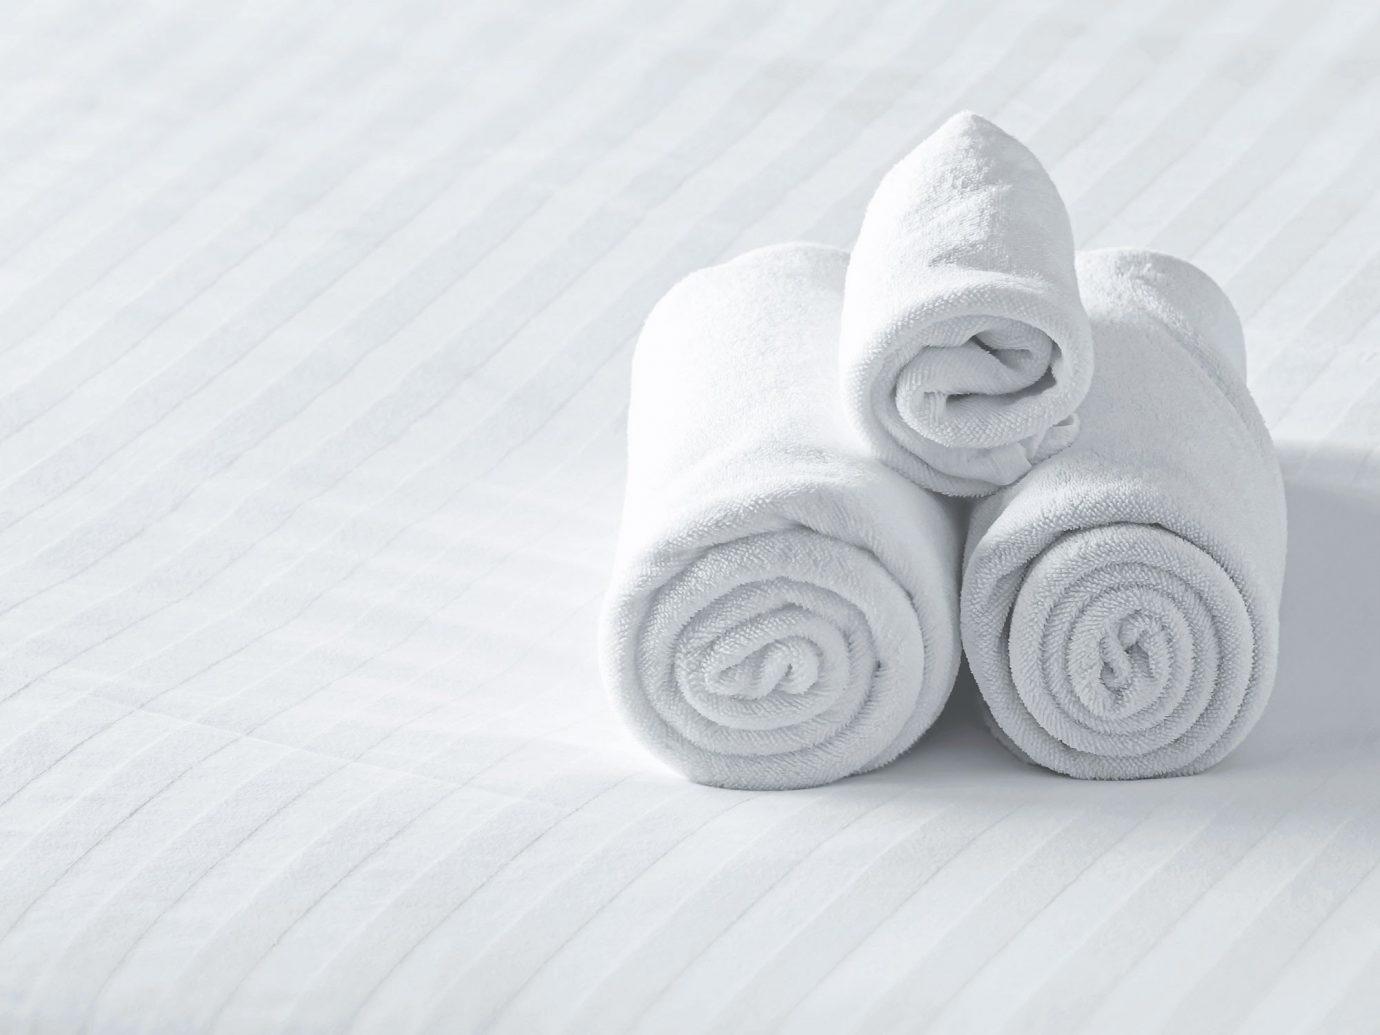 Hotels white product bandage accessory hand